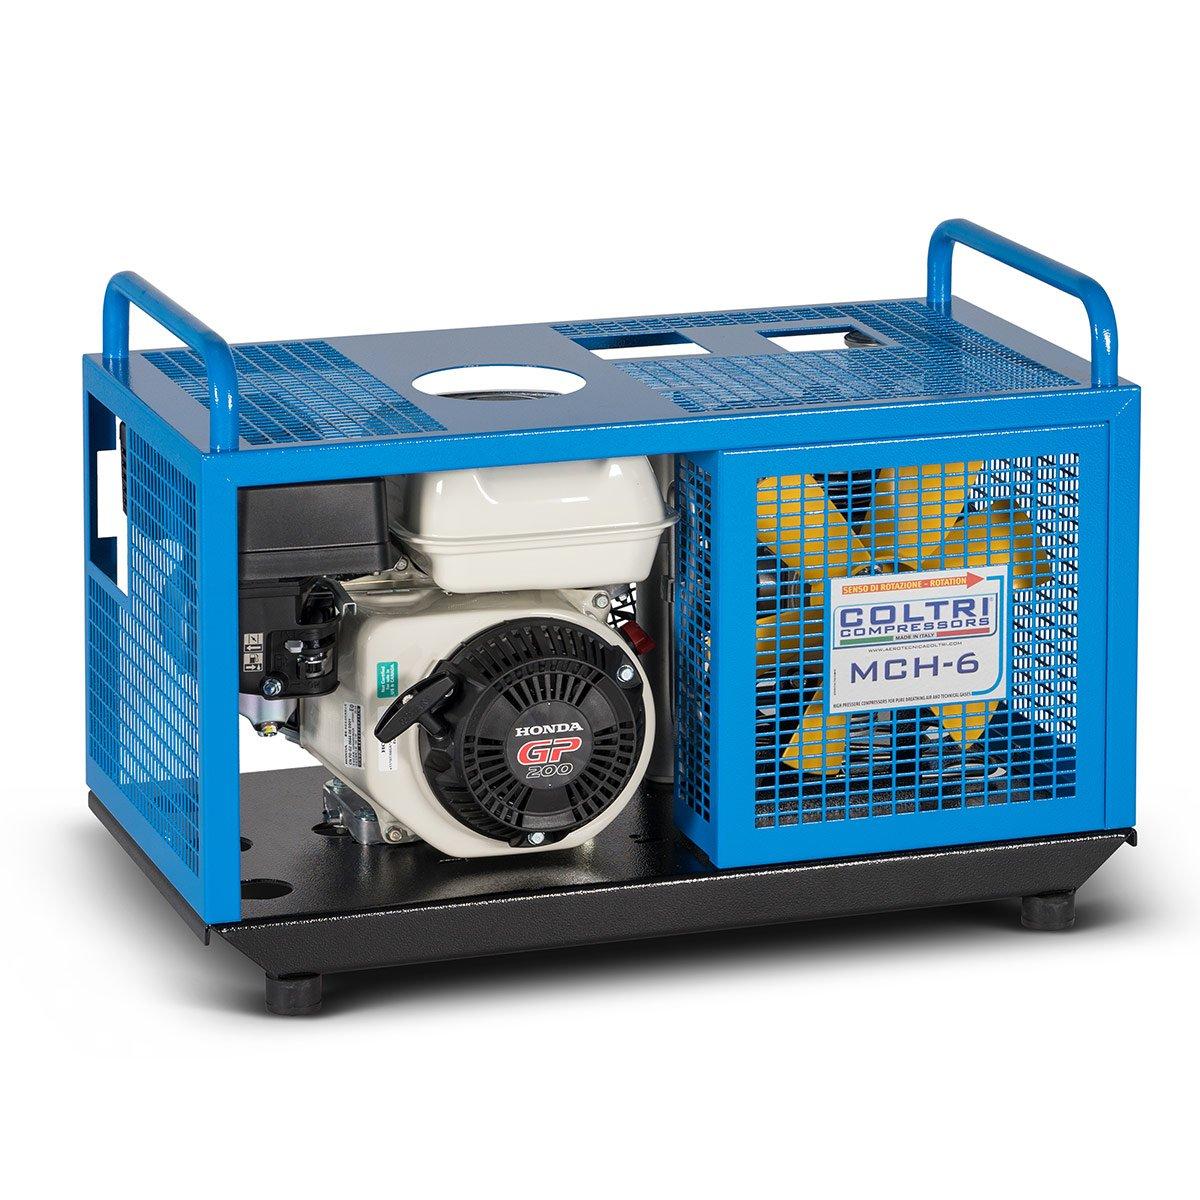 Aliento Compresor De Aire MCH 6 COMPAKT fülleistung 100 L/min 200/300 bar con motor de combustión: Amazon.es: Deportes y aire libre